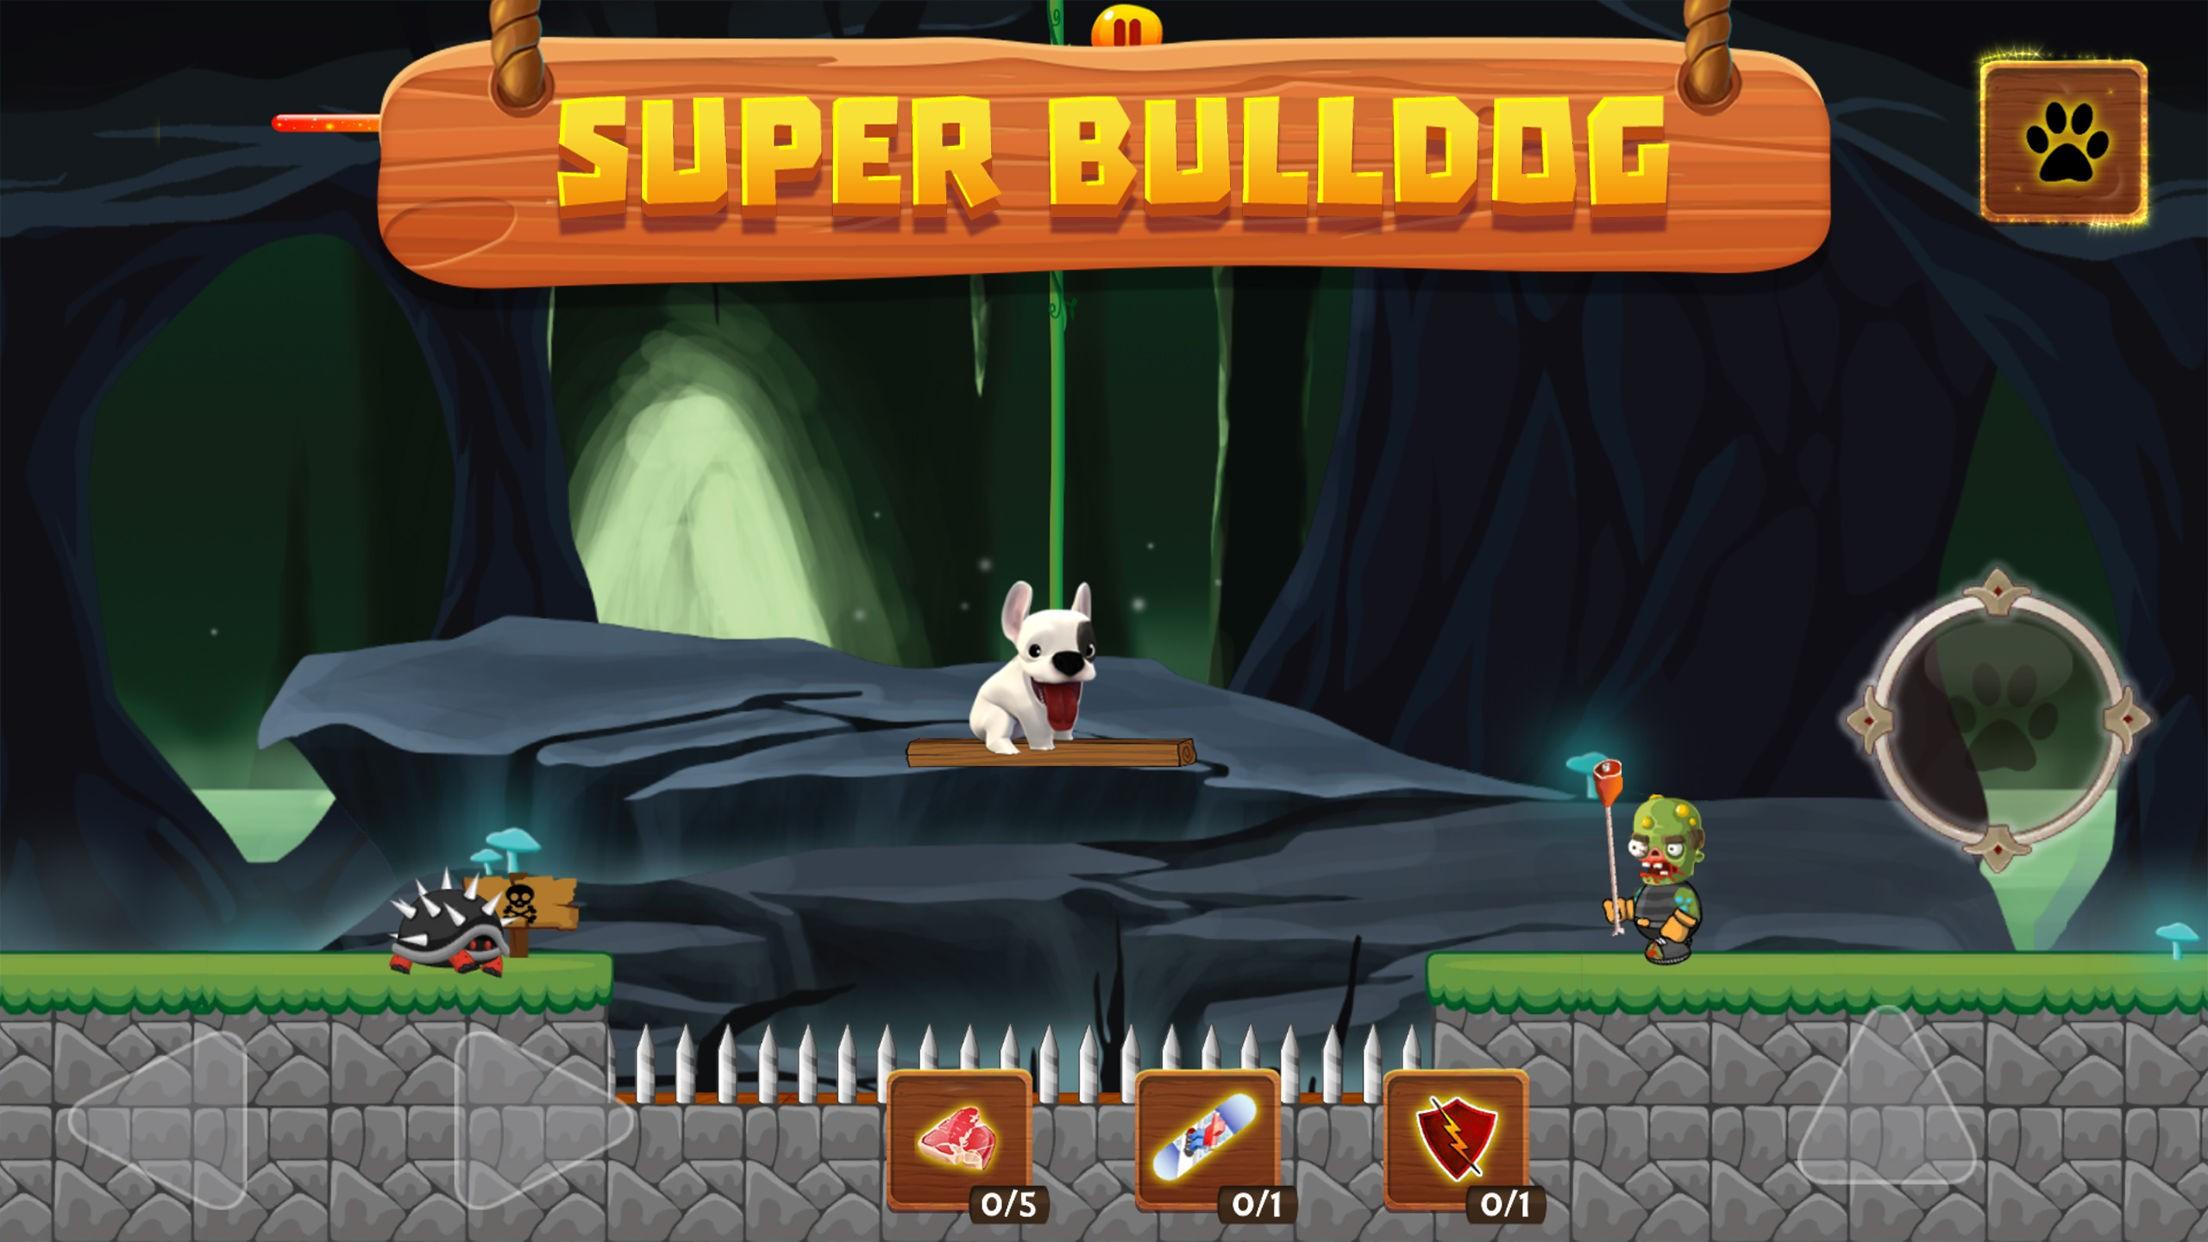 Super Bullog